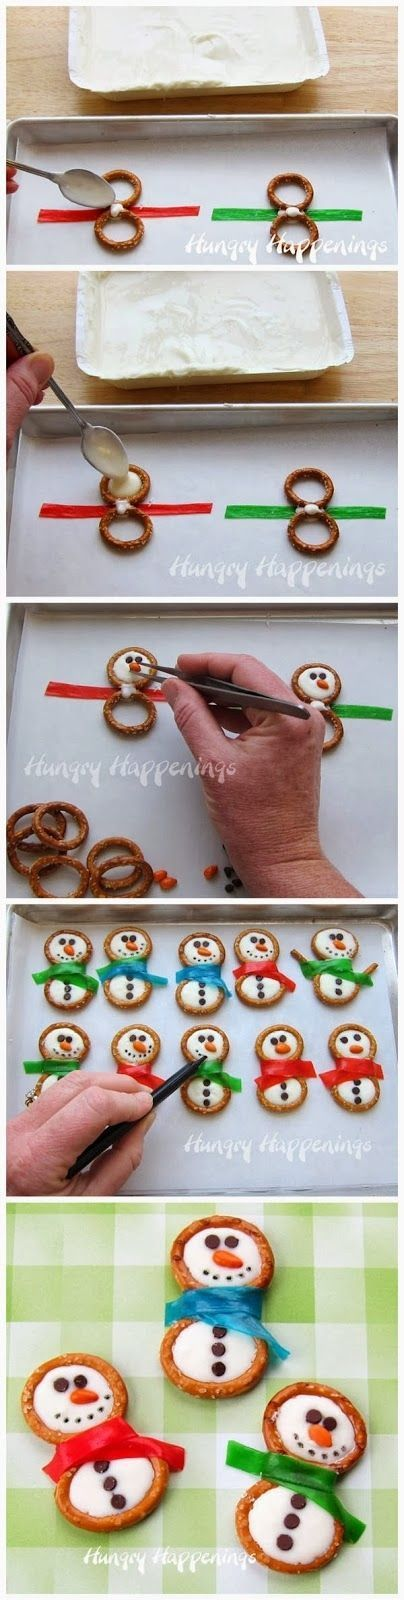 Des anneaux de bretzel, des lamelles de fruits et du glaçage pour faire de délicieux gâteaux en forme de bonhomme de neige. | 25 astuces ingénieuses pour faciliter vos fêtes de Noël